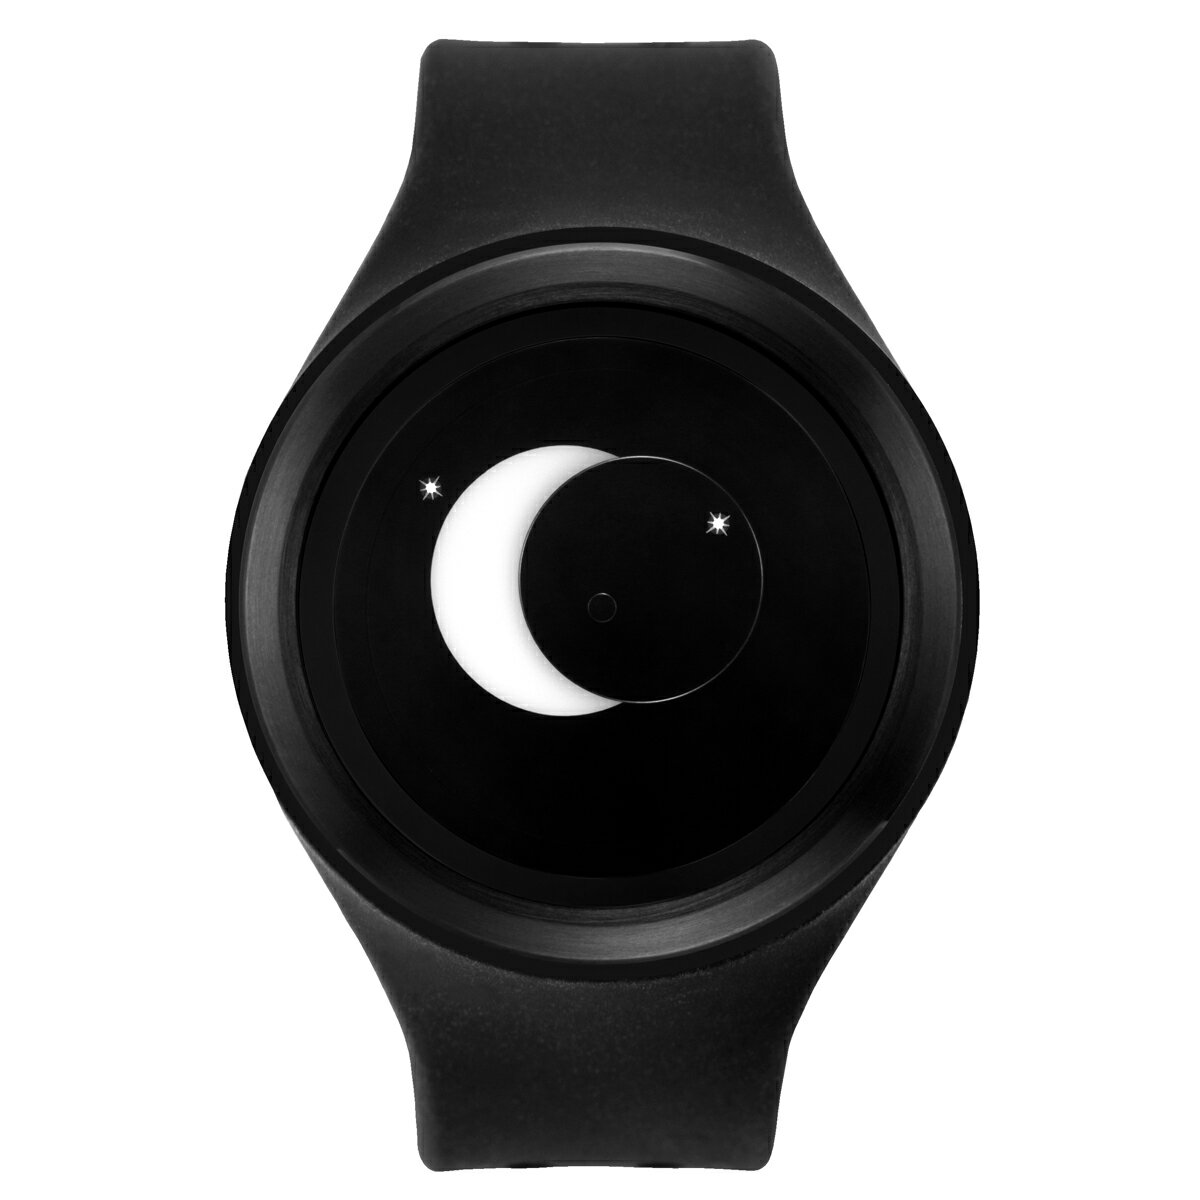 ZEROO SUPER MOON ゼロ 電池式クォーツ 腕時計 [W00202B03SR02] ブラック デザインウォッチ ペア用 メンズ レディース ユニセックス おしゃれ時計 デザイナーズ